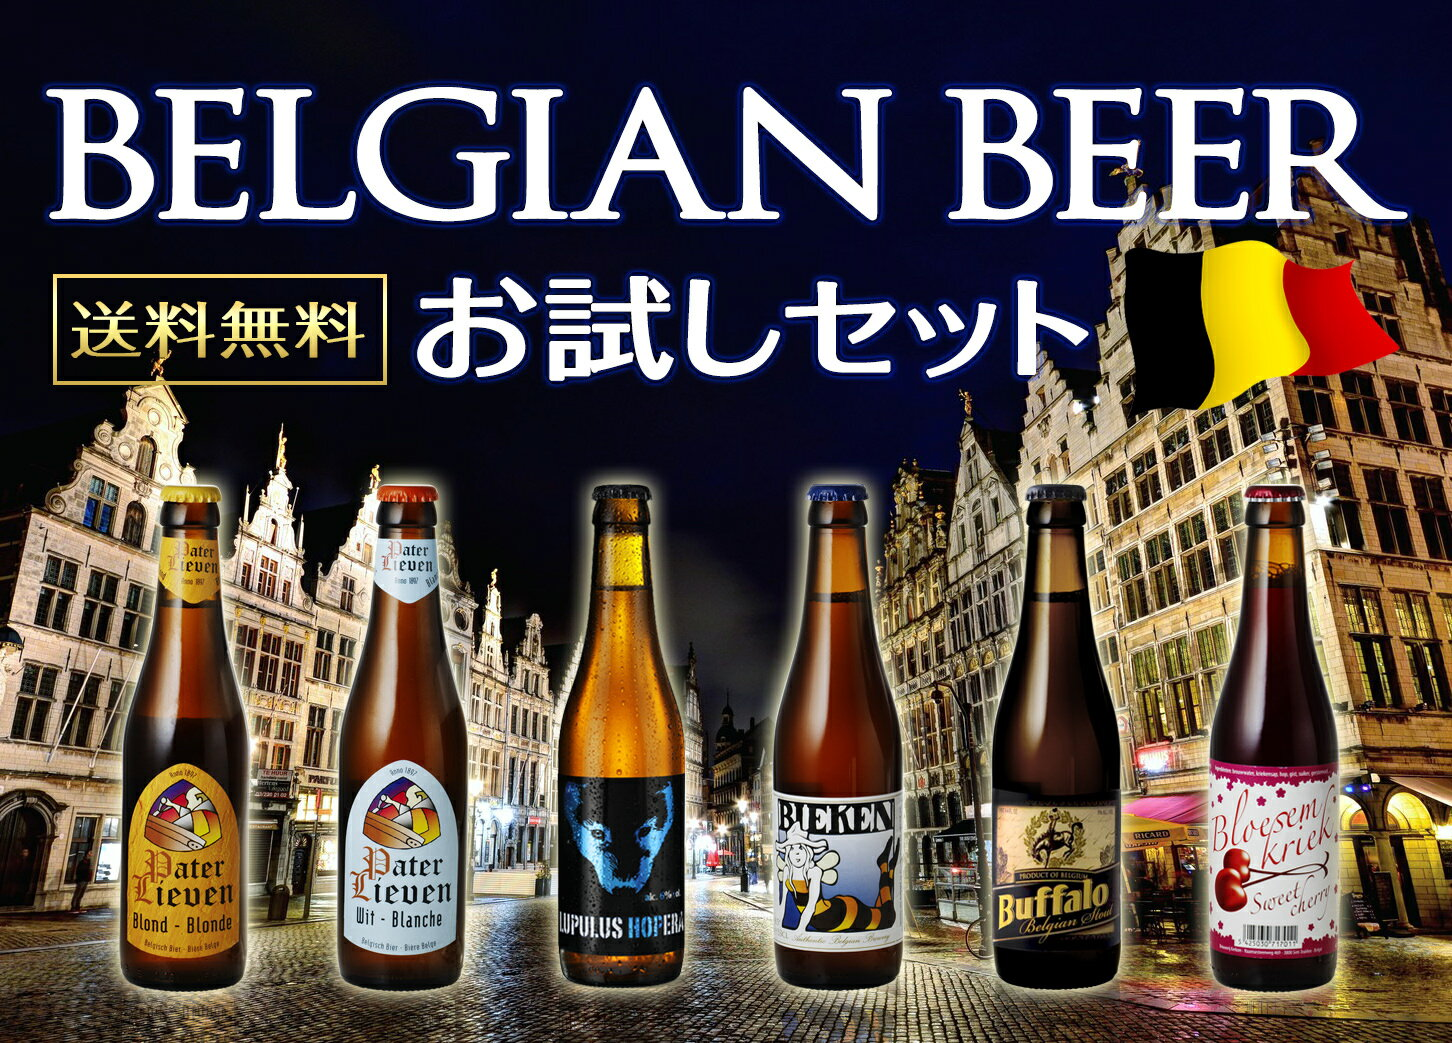 ベルギービールジャパン ベルギービール x 6本 セット 送料無料